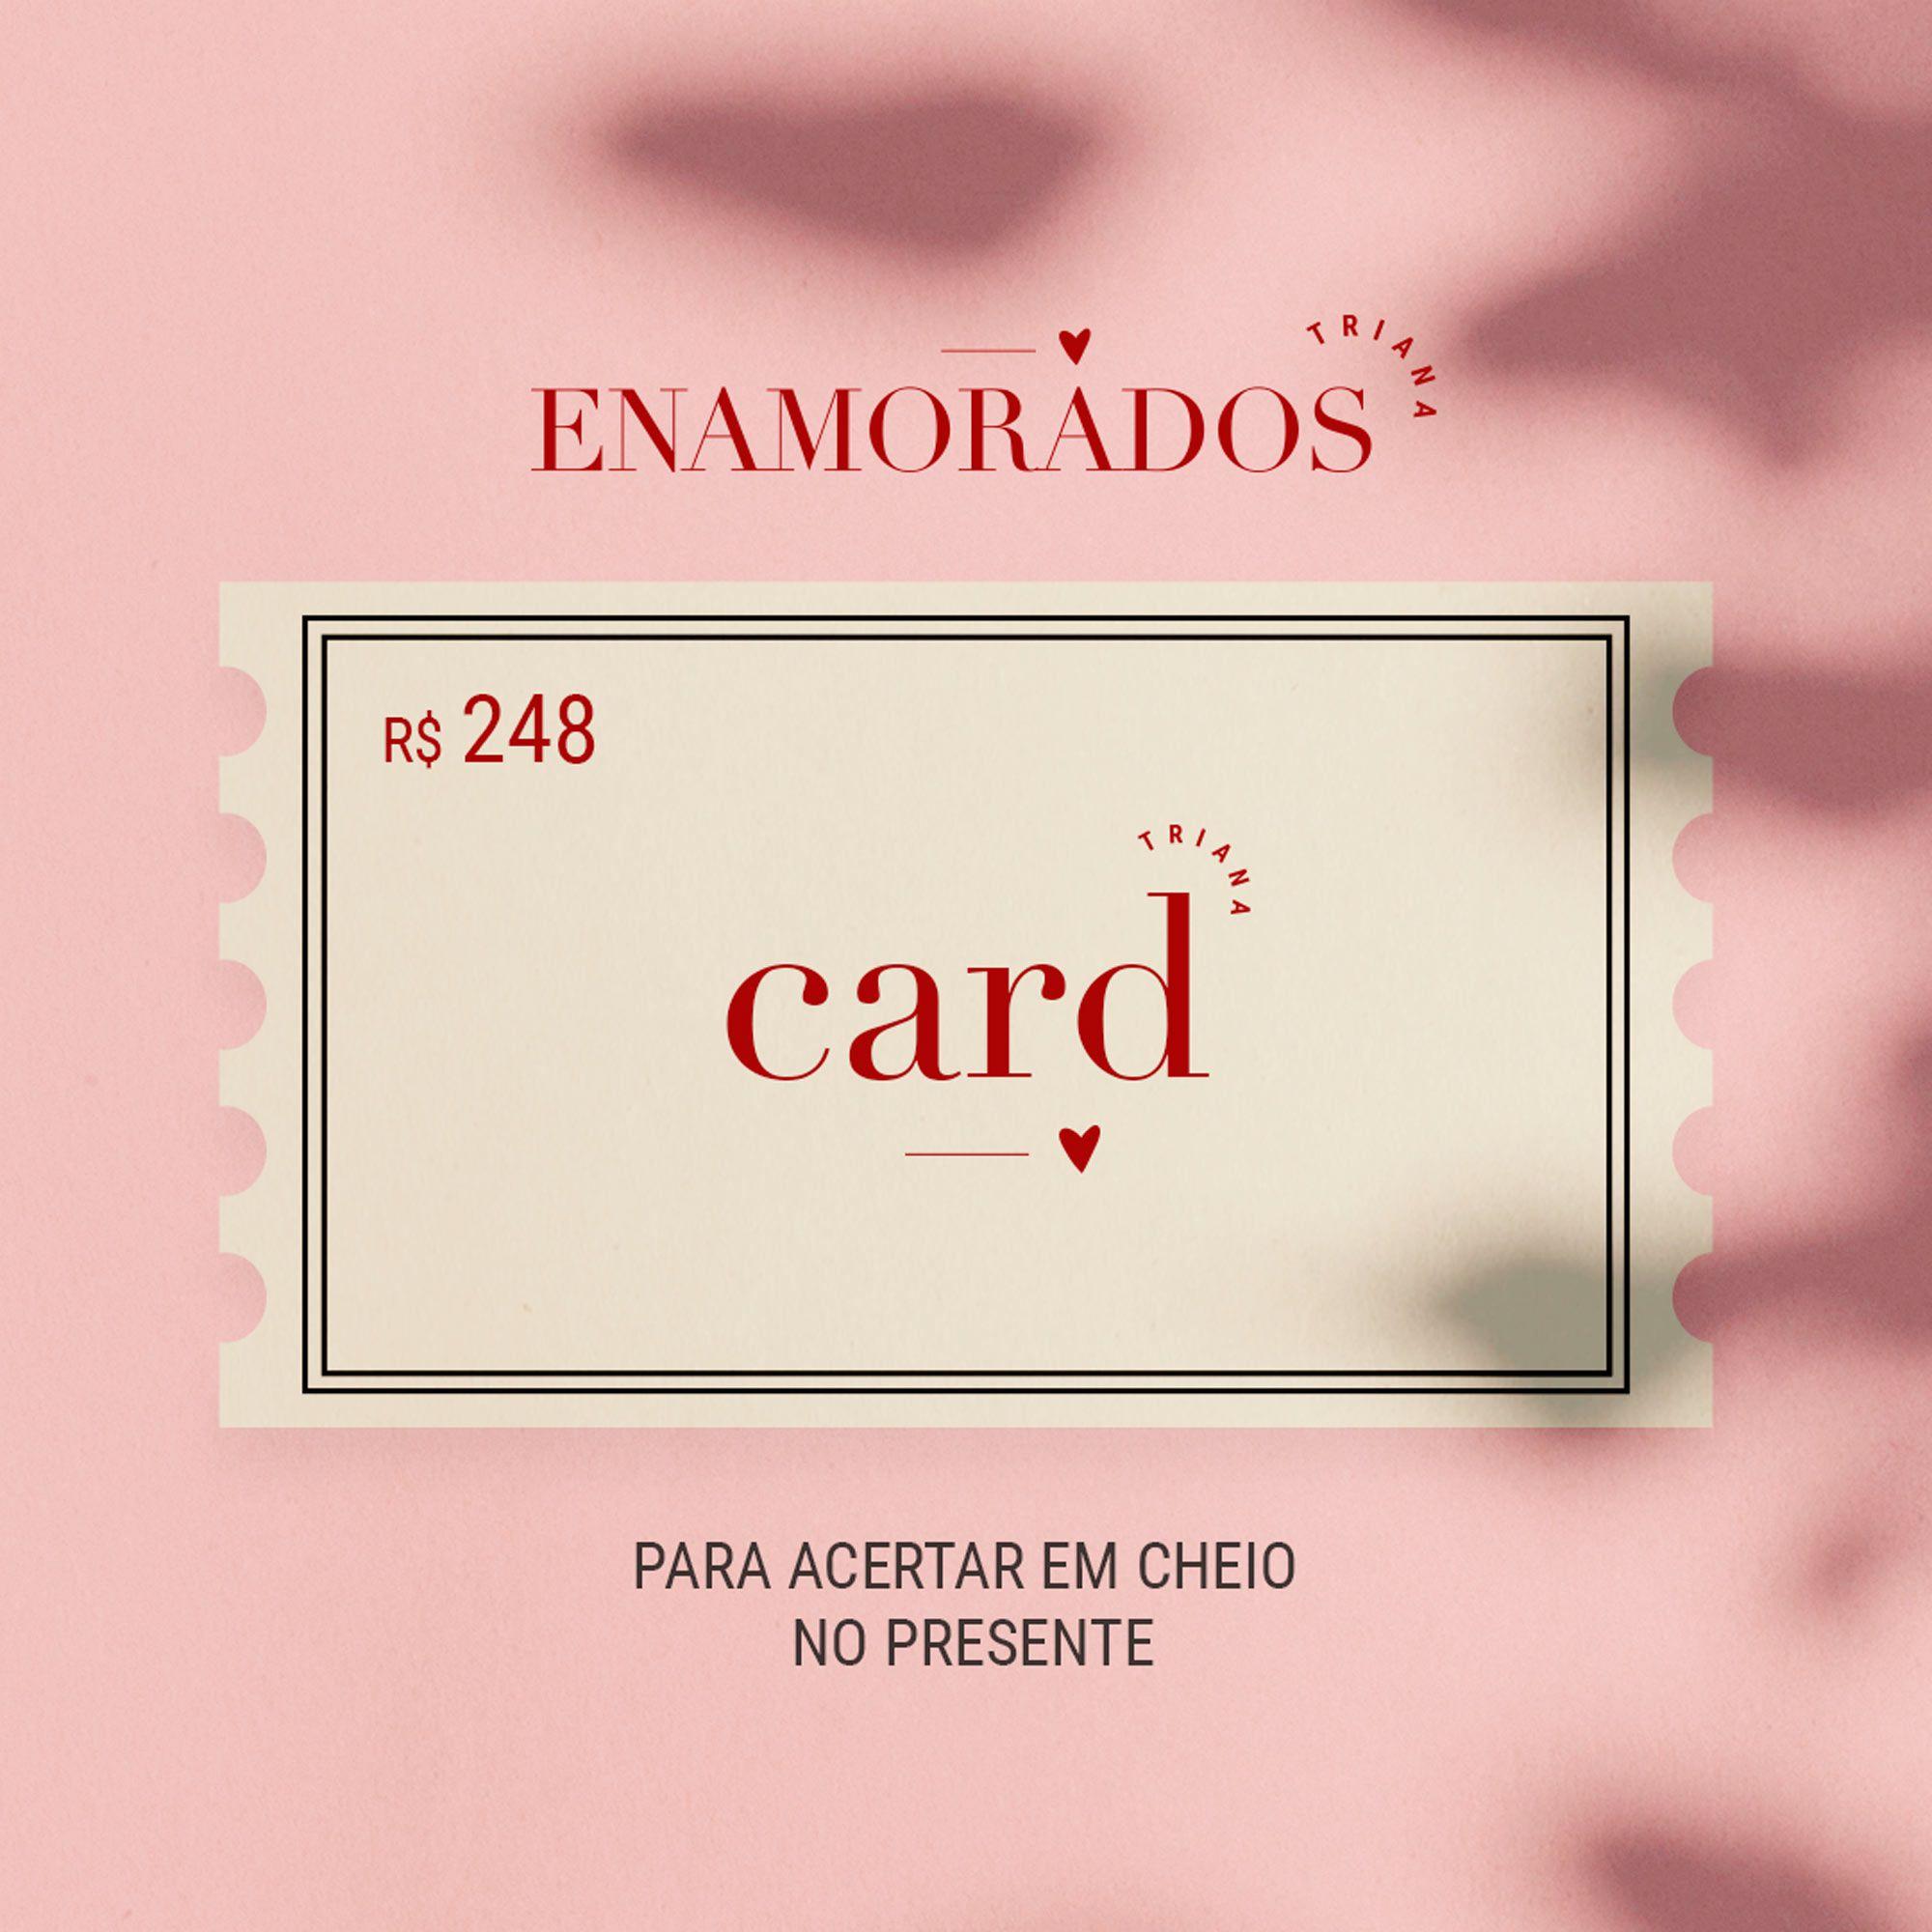 Enamorados Triana Card: R$248,00 para acertar em cheio no presente S2